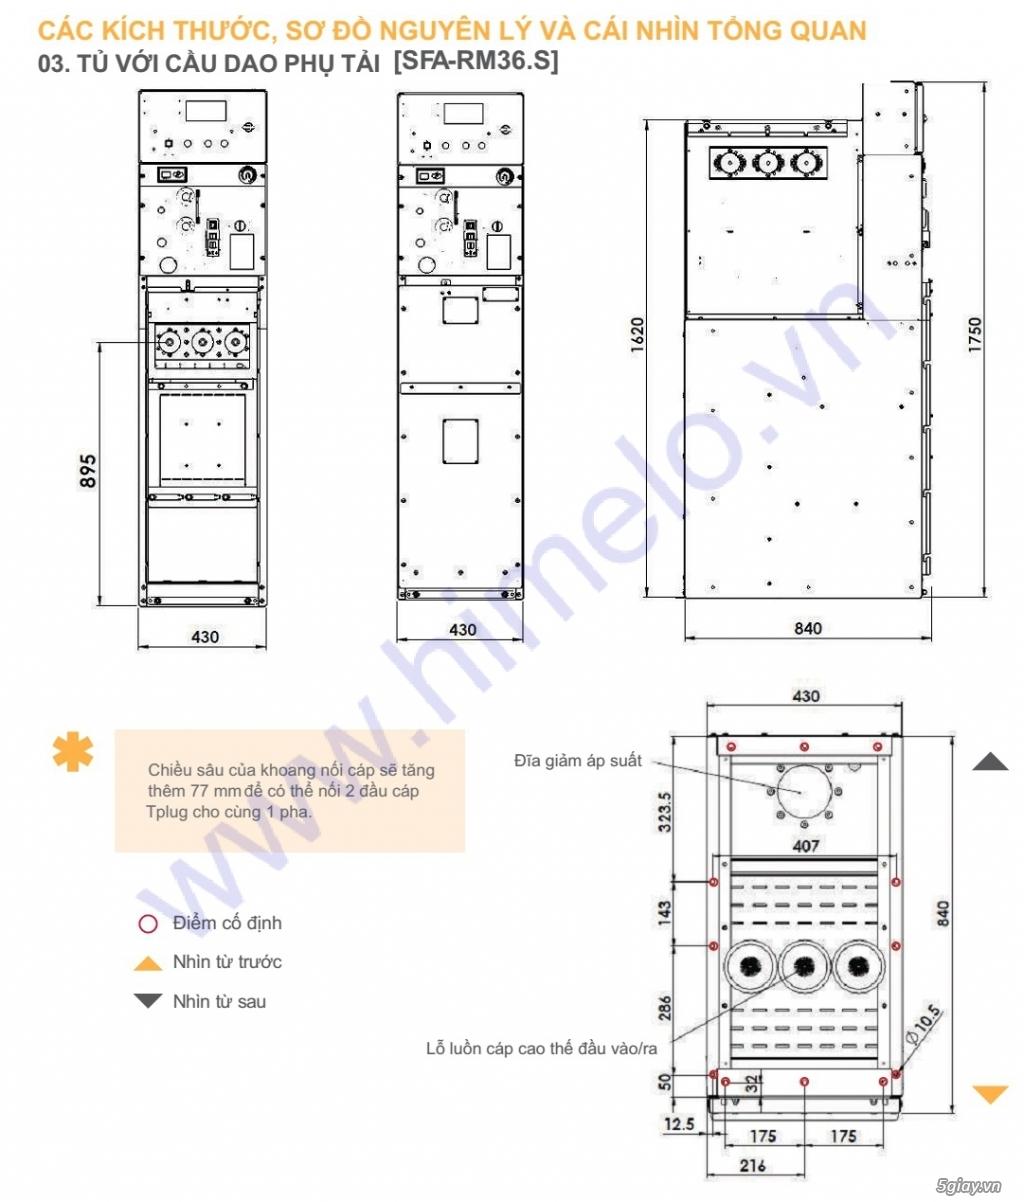 TỦ TRUNG THẾ RMU 40.5KV SFA-RM36.S - 2